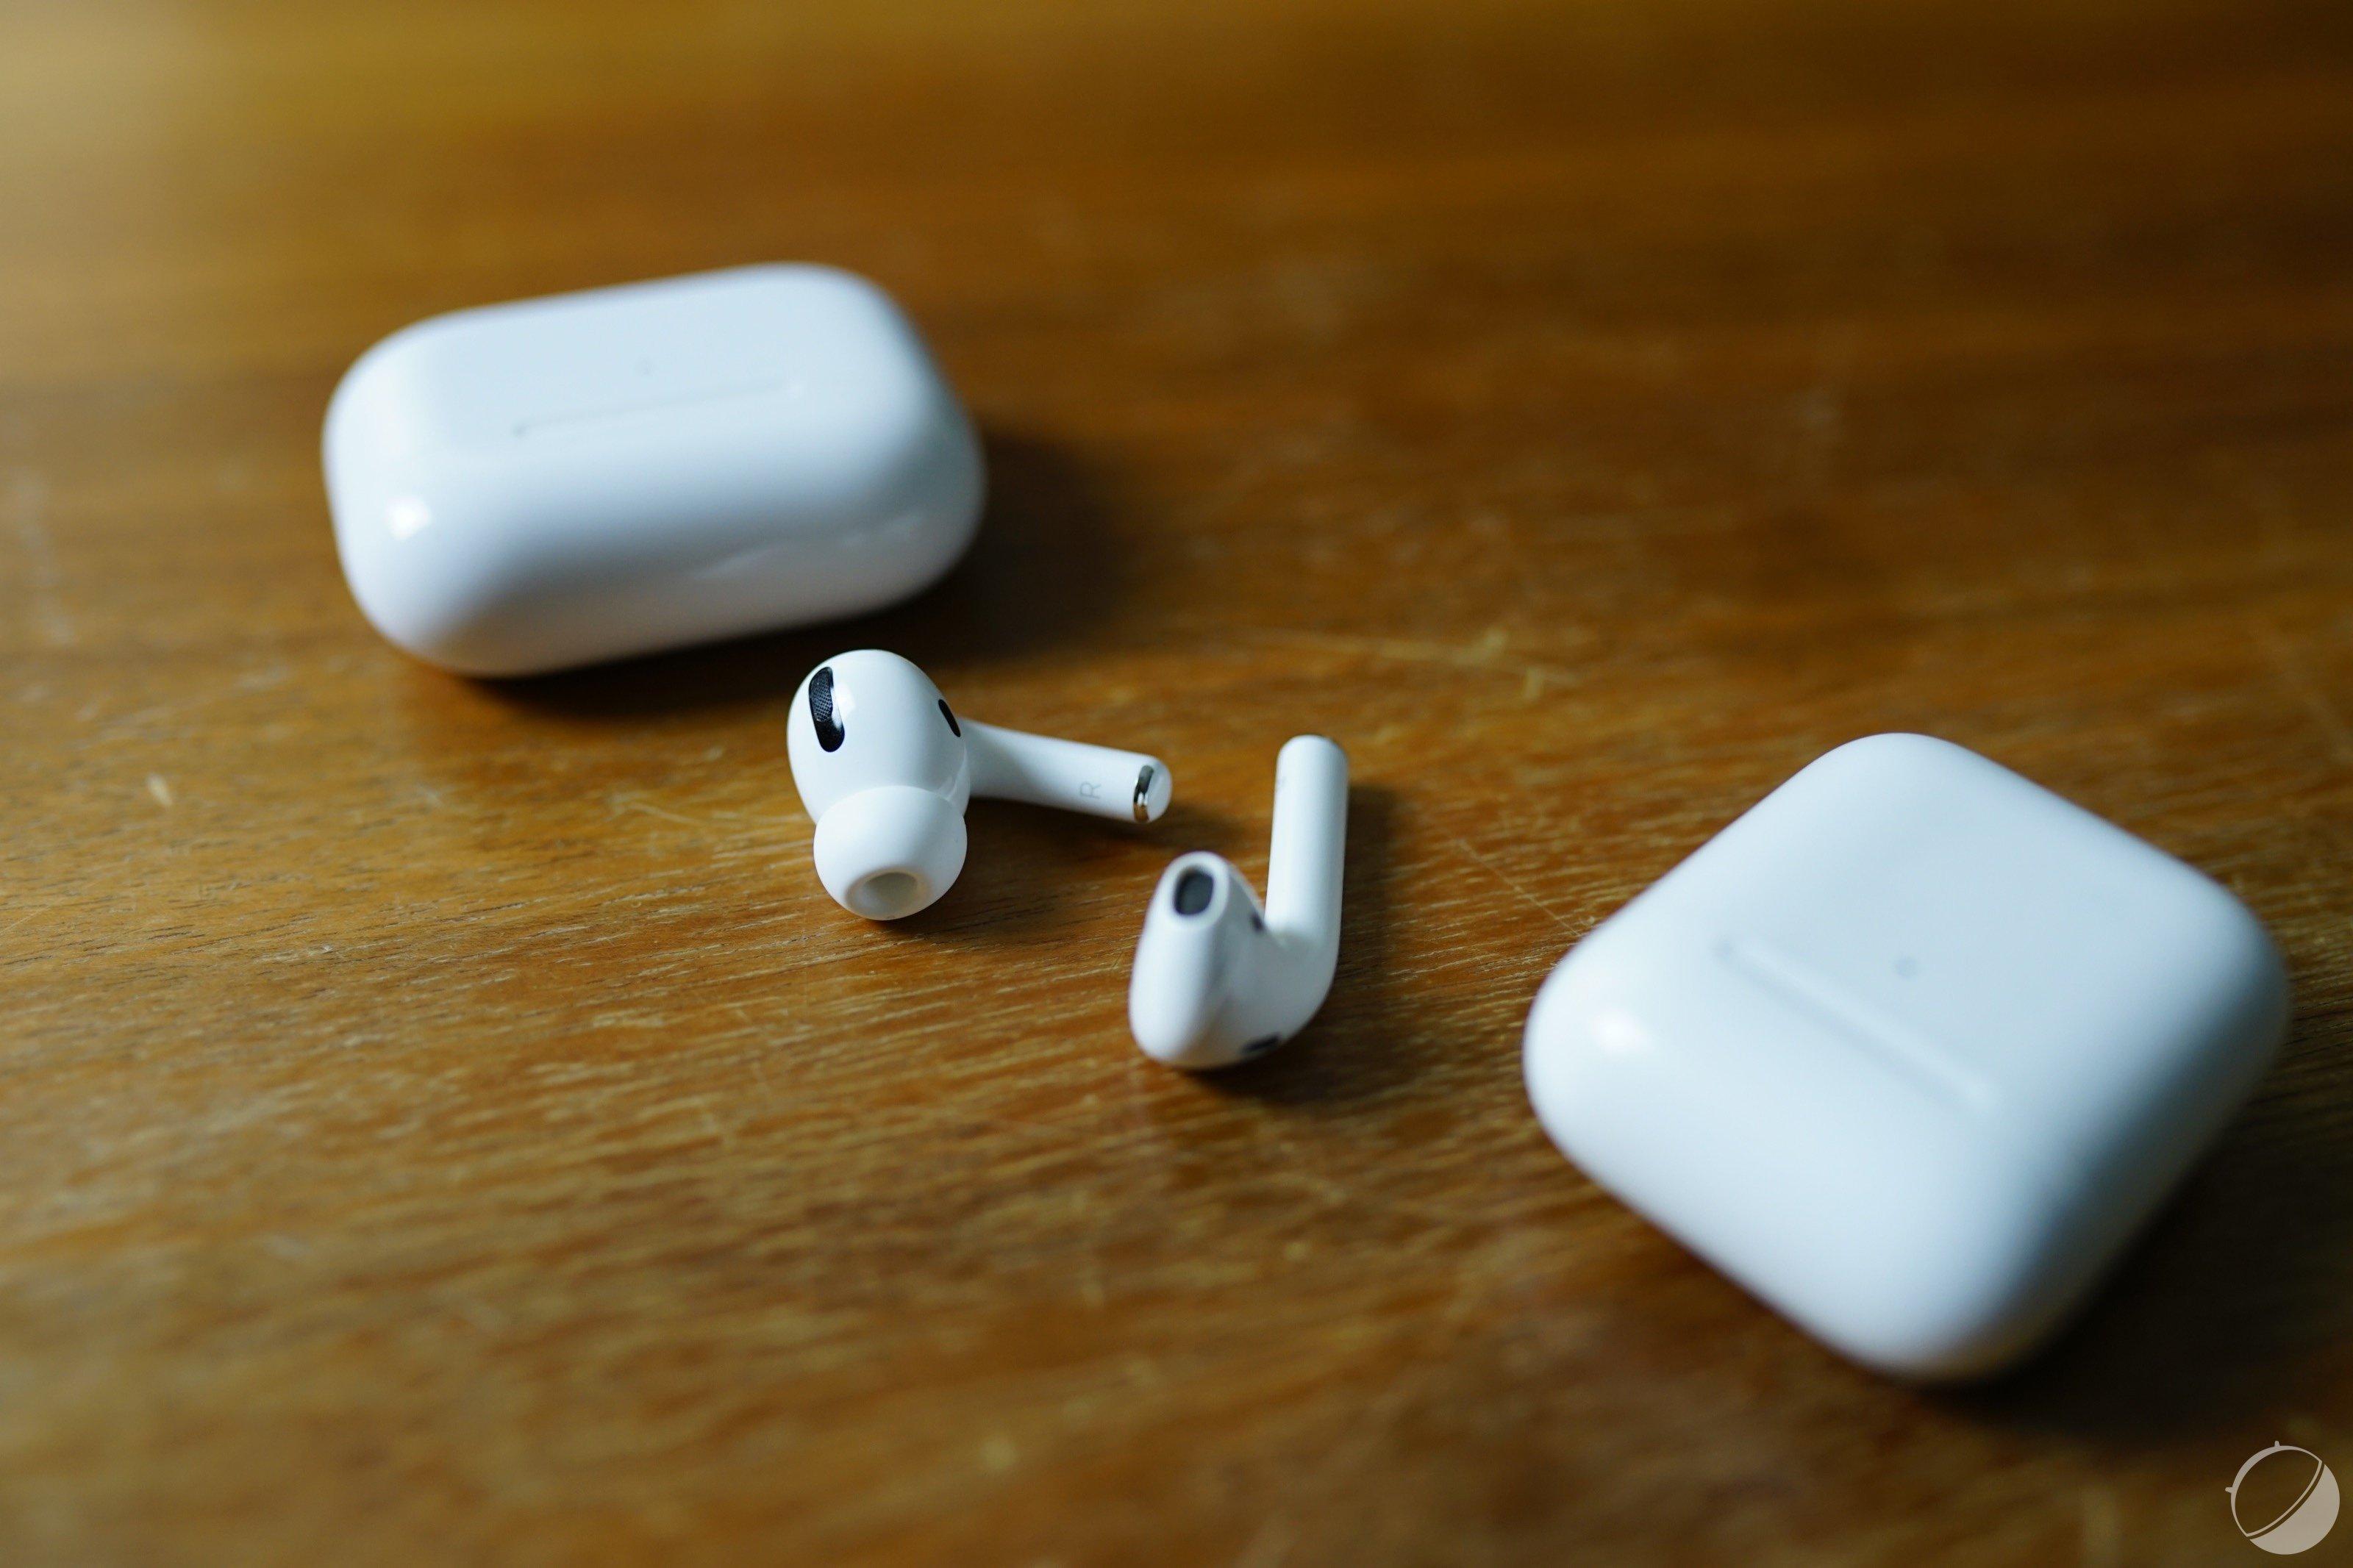 AirPods : Apple est le « leader incontesté » des écouteurs